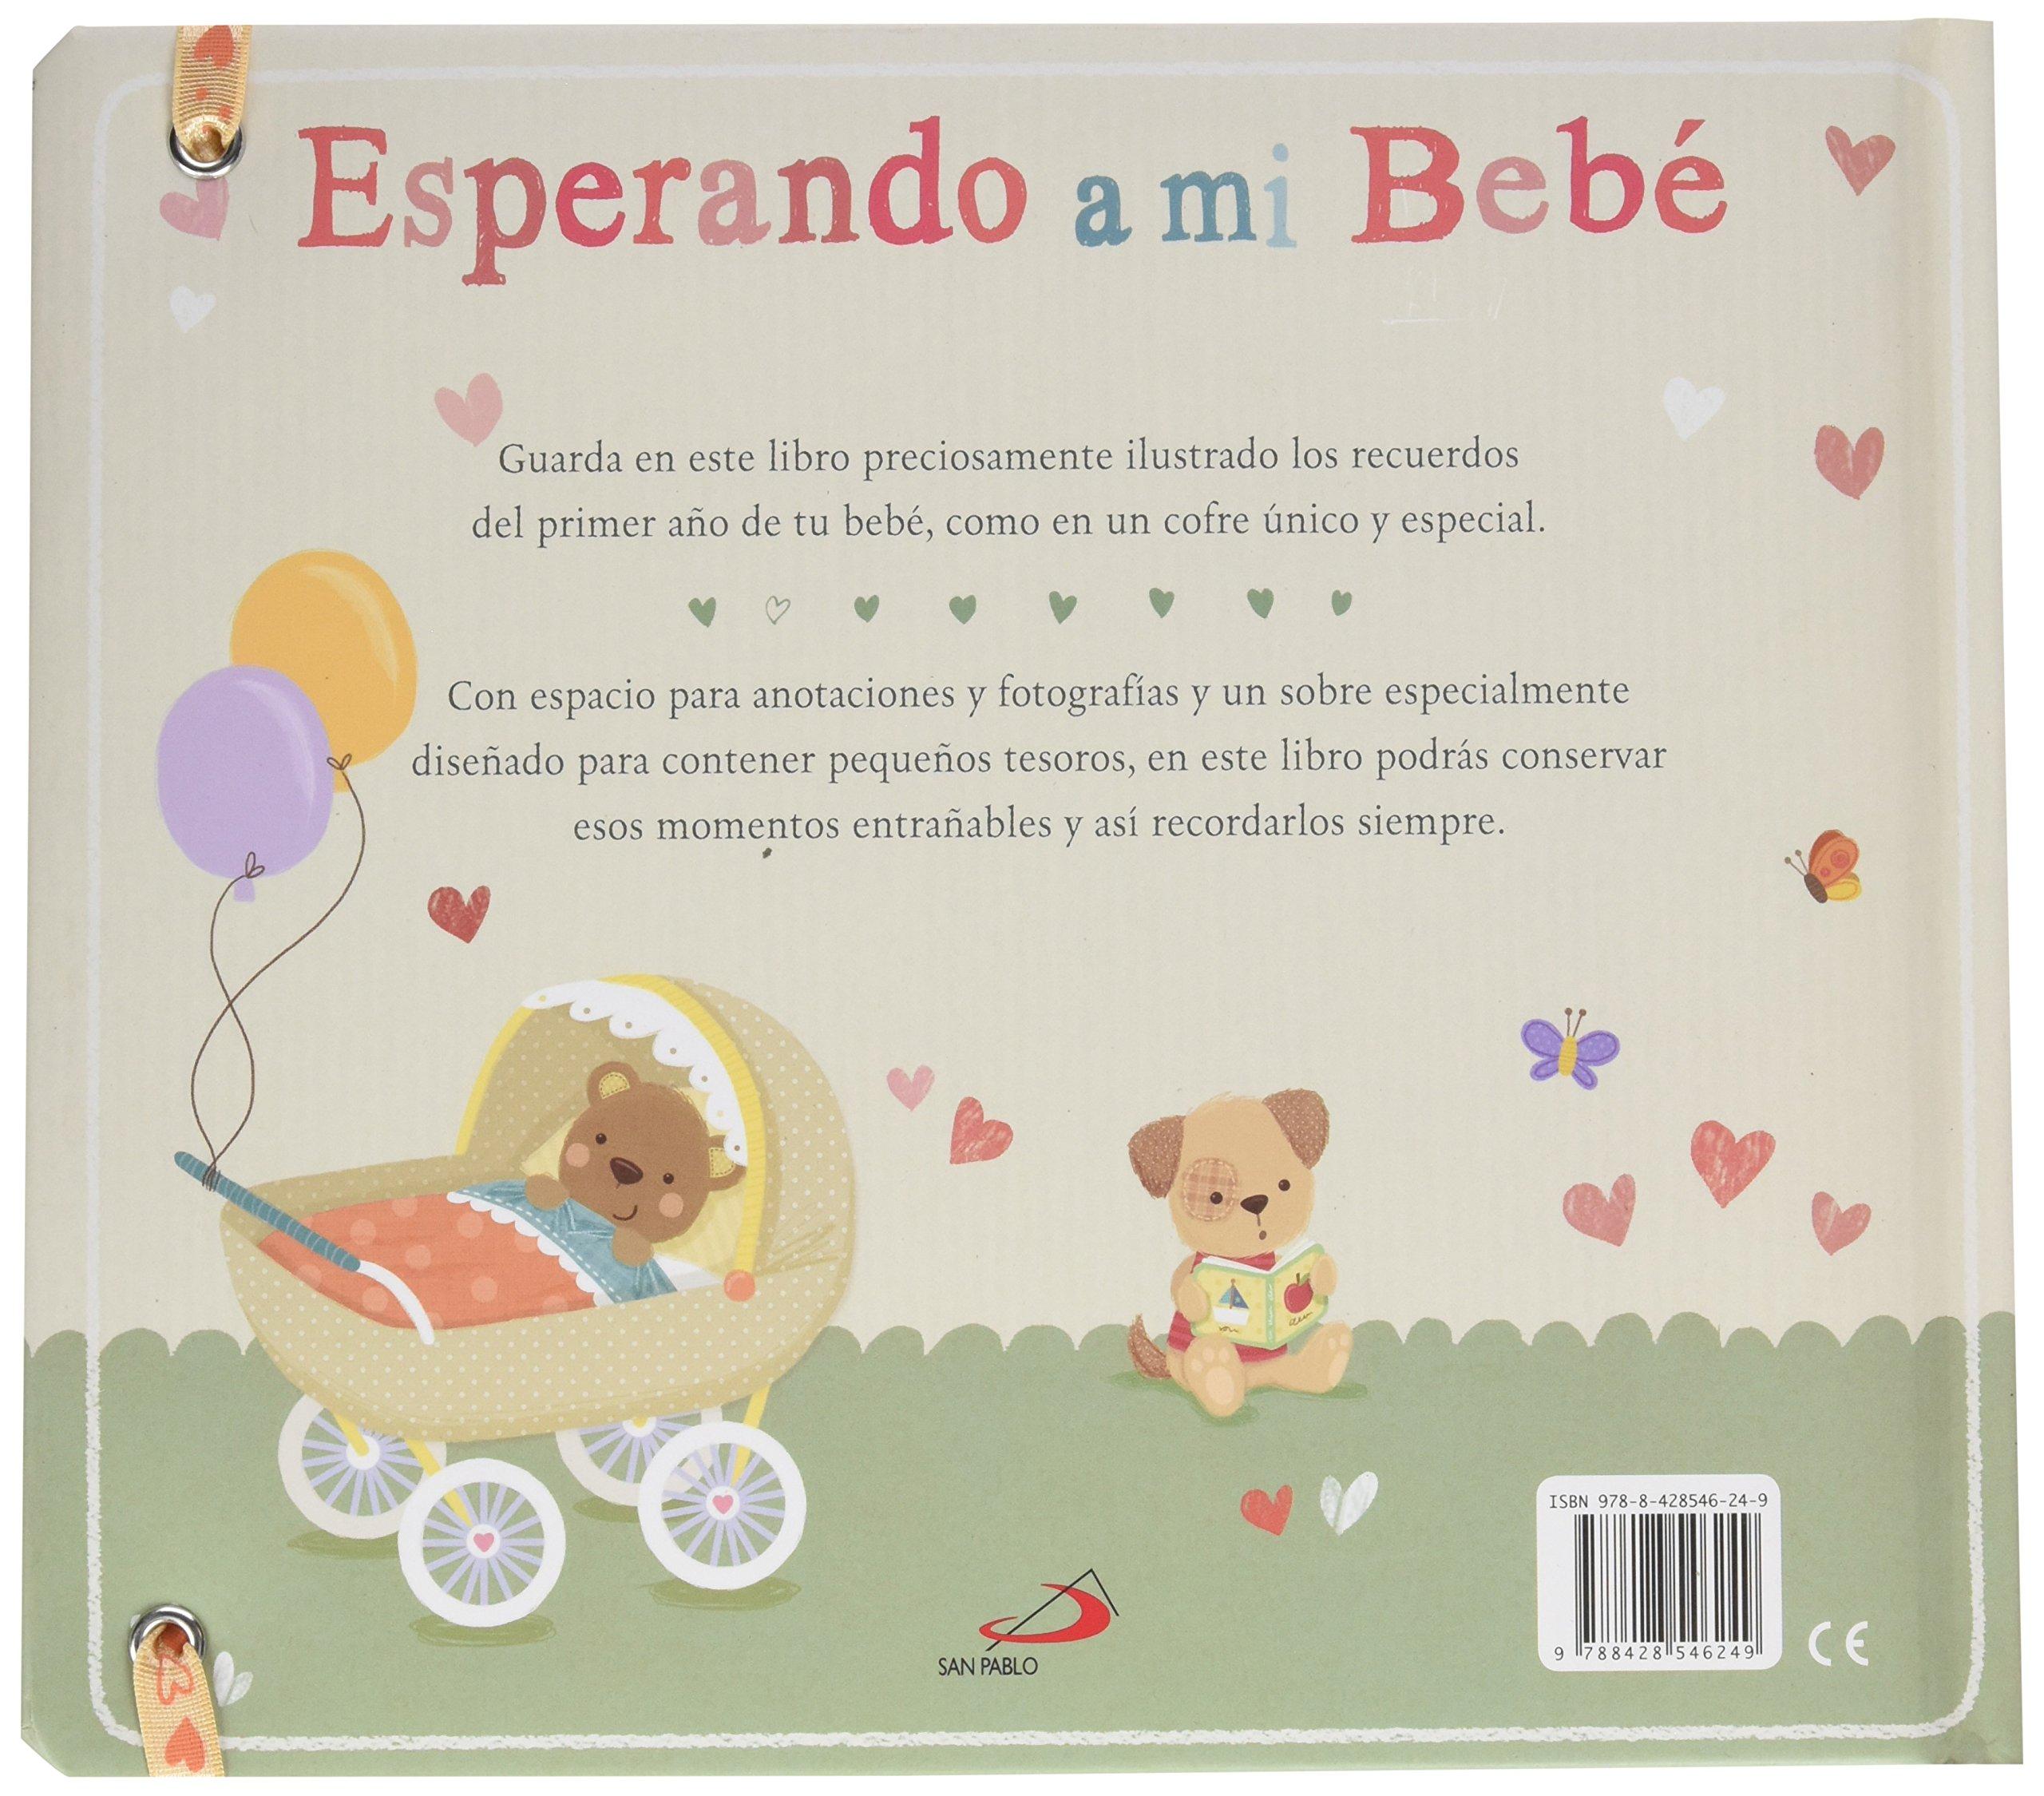 Esperando a mi bebé: Un libro de recuerdos Mi familia y yo ...